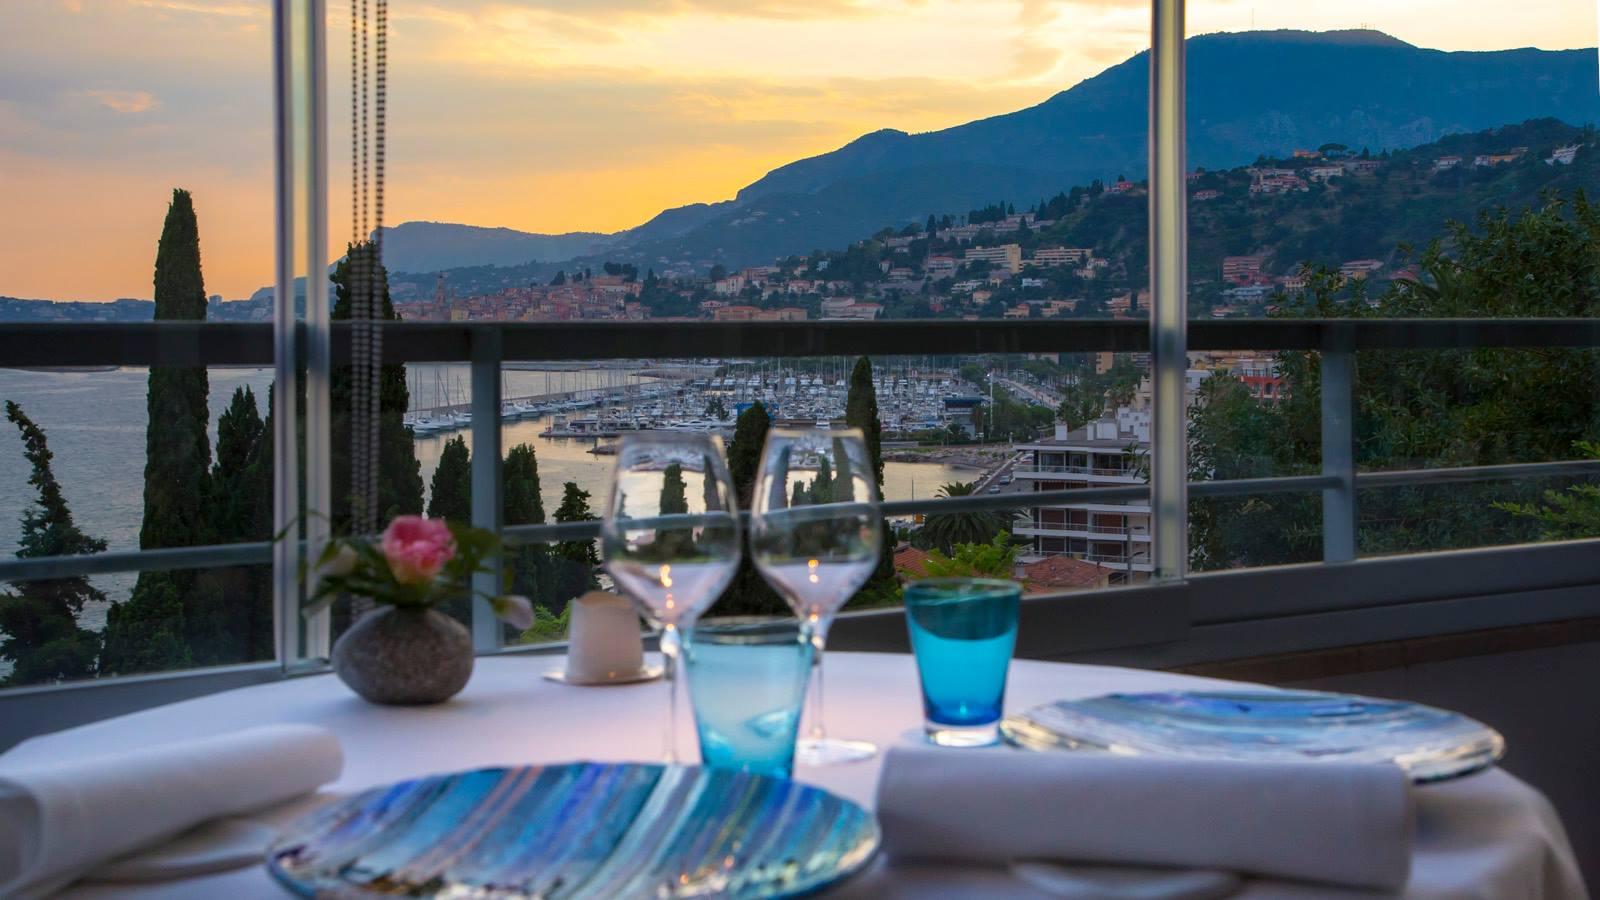 Sie möchten das 10-jährige Jubiläum gemeinsam mit dem Restaurant Mirazur feiern? Das wäre Ihr Ausblick. Foto: Mirazur, Menton